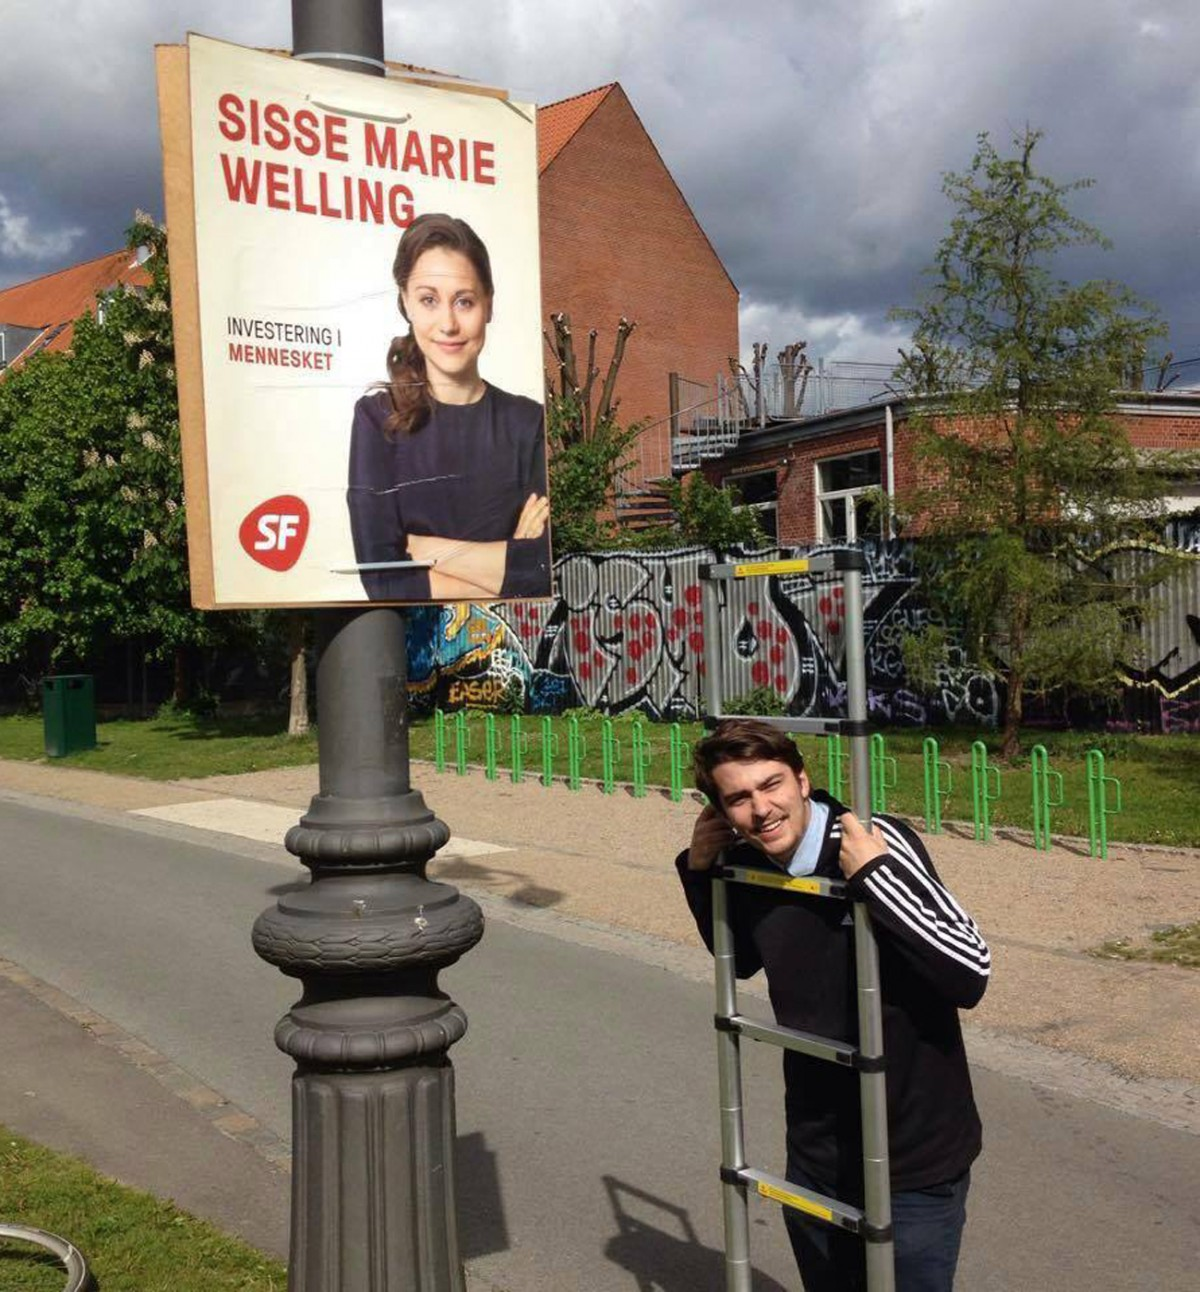 Vasemmistopuolueet tavoittelevat Tanskan vaaleissa parempaa työttömyysturvaa